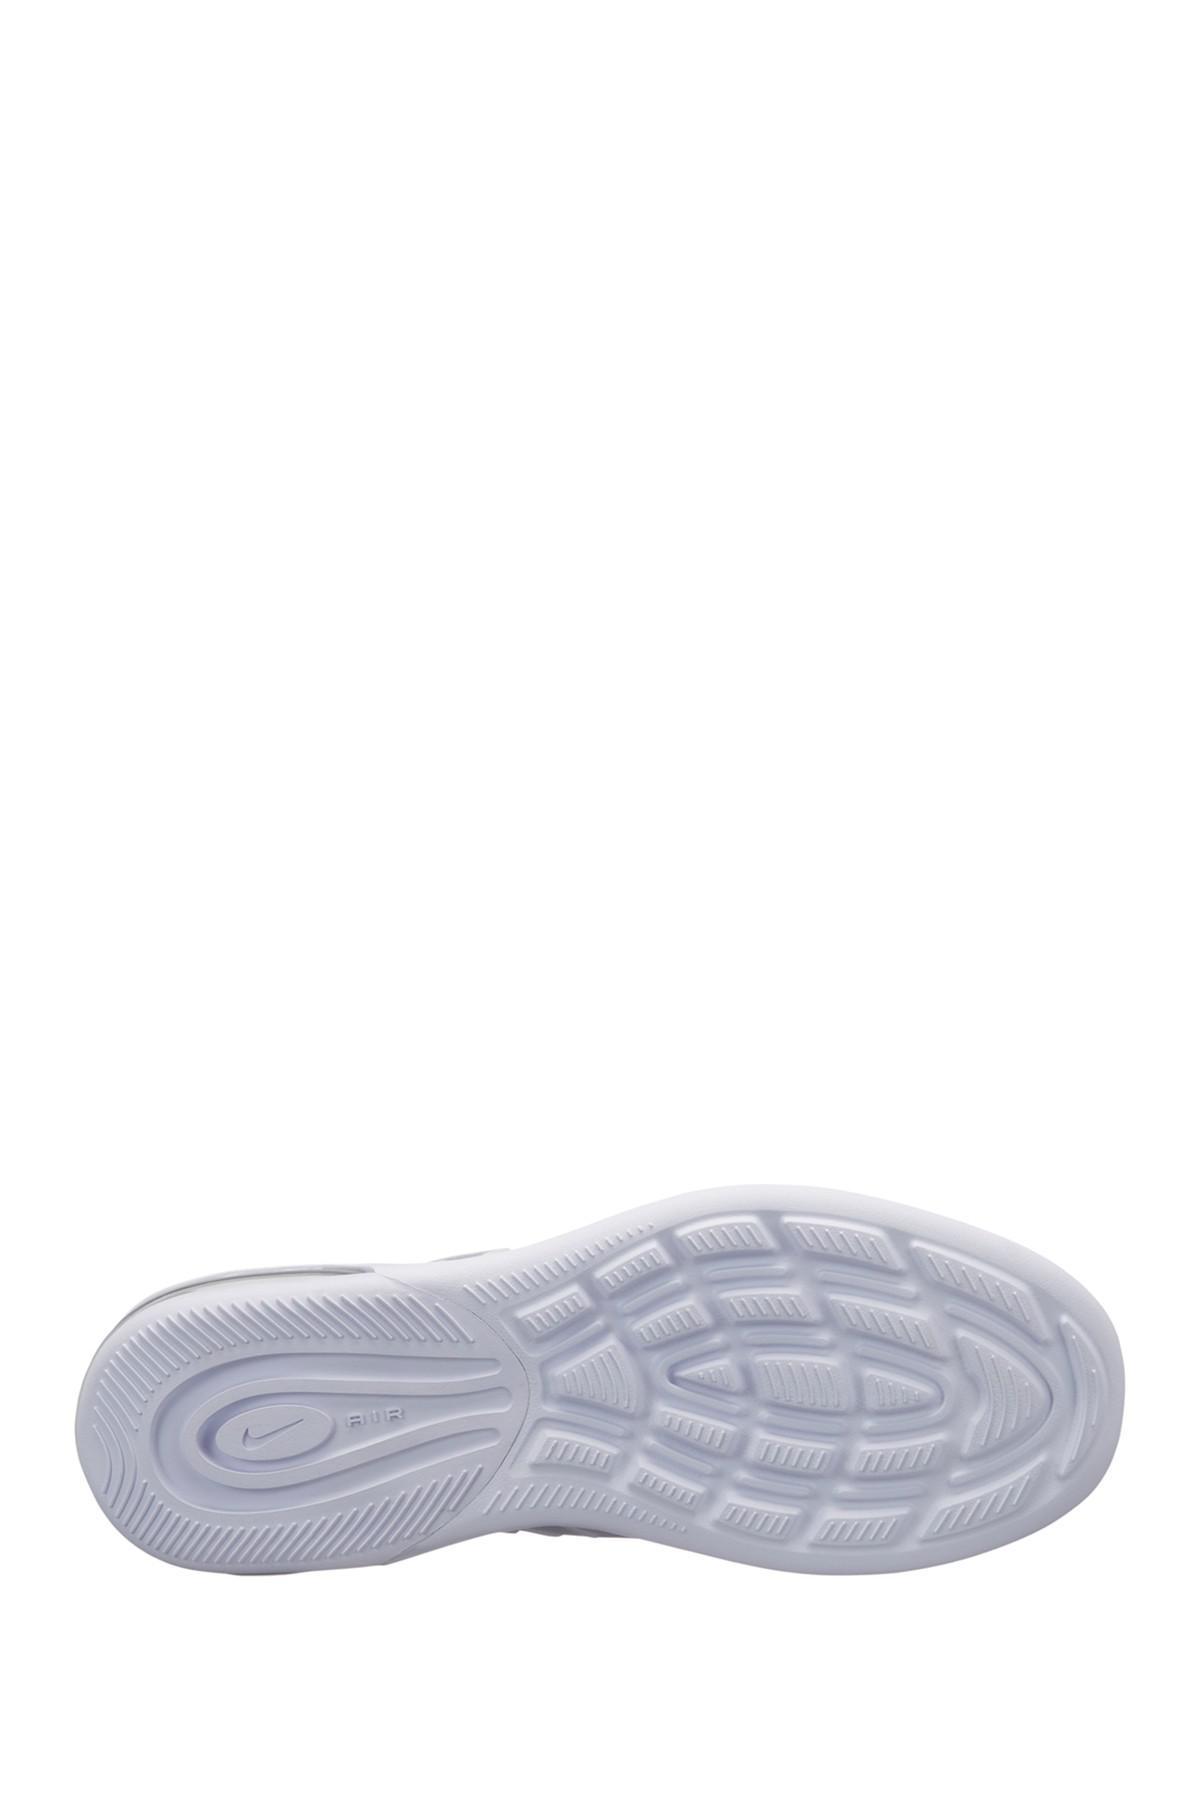 84ac376dc0 Nike Air Max Axis Sneaker - Lyst